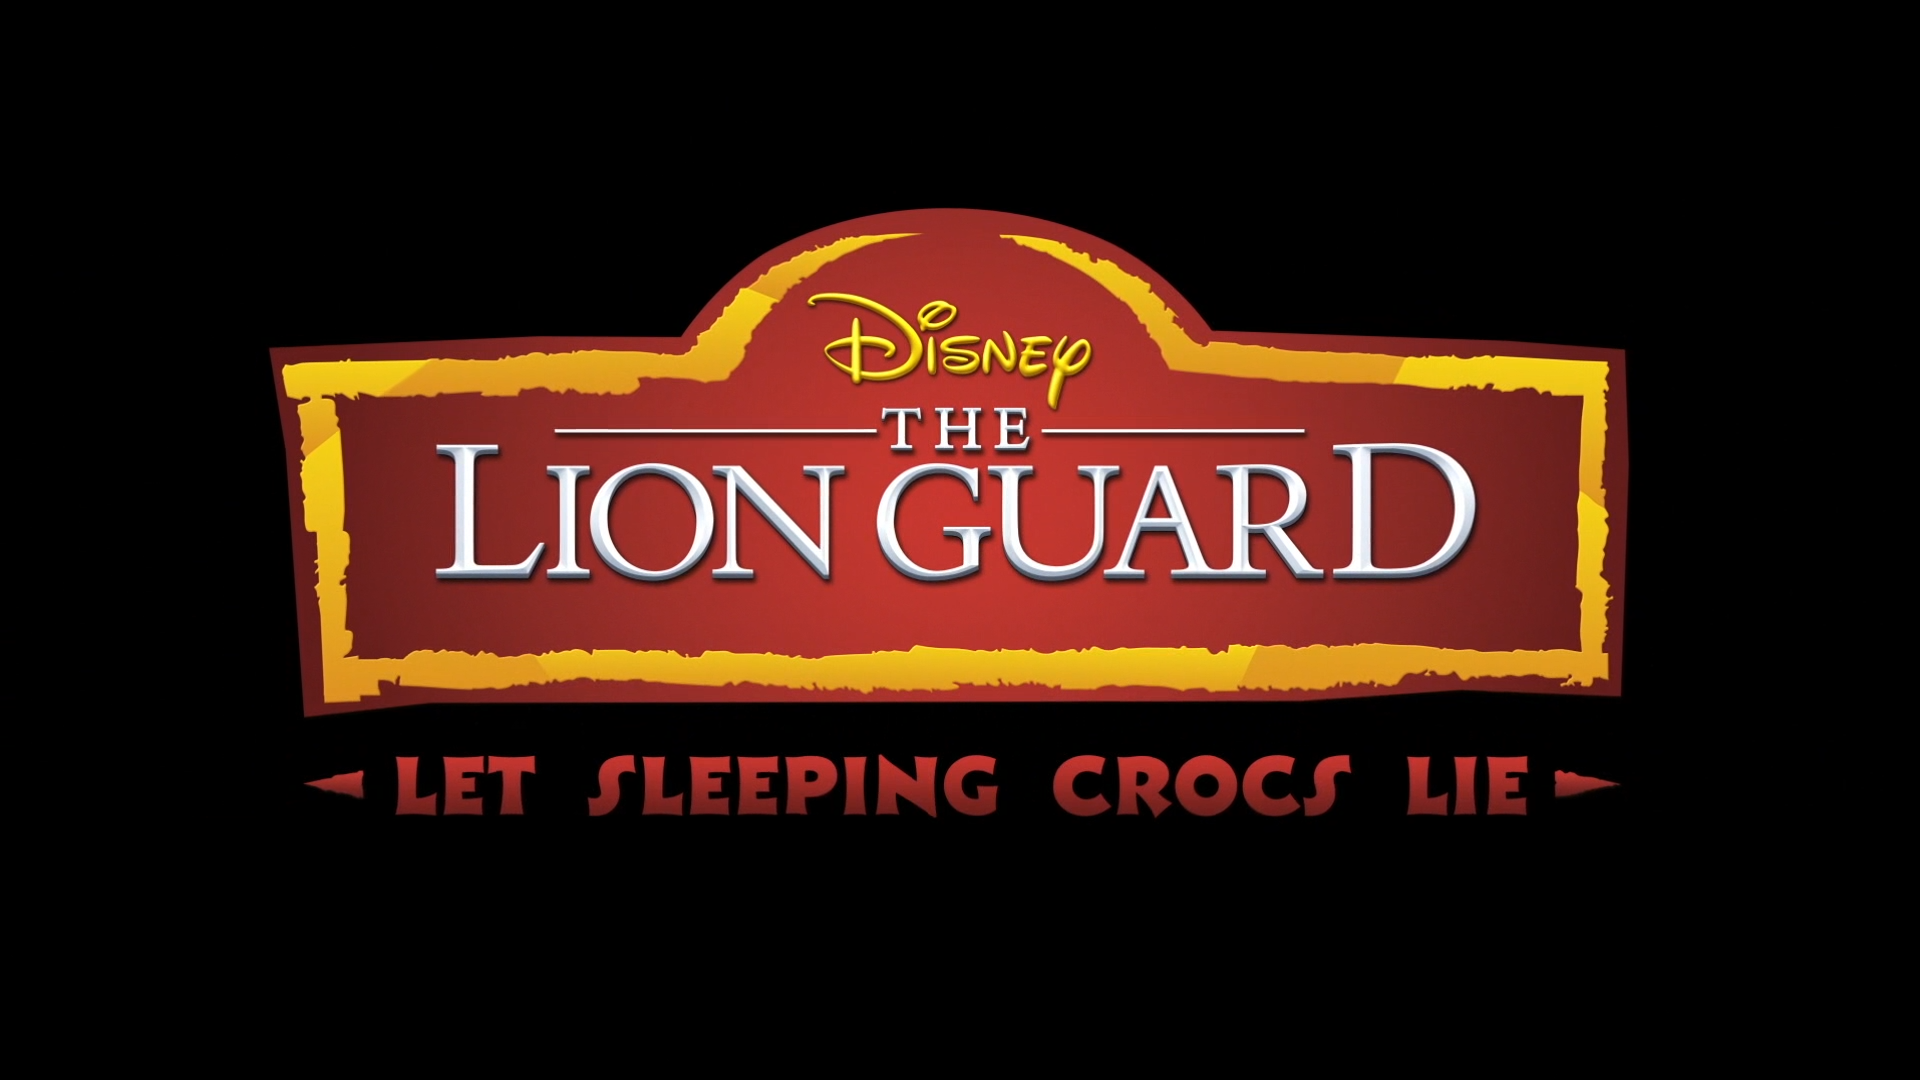 Let Sleeping Crocs Lie